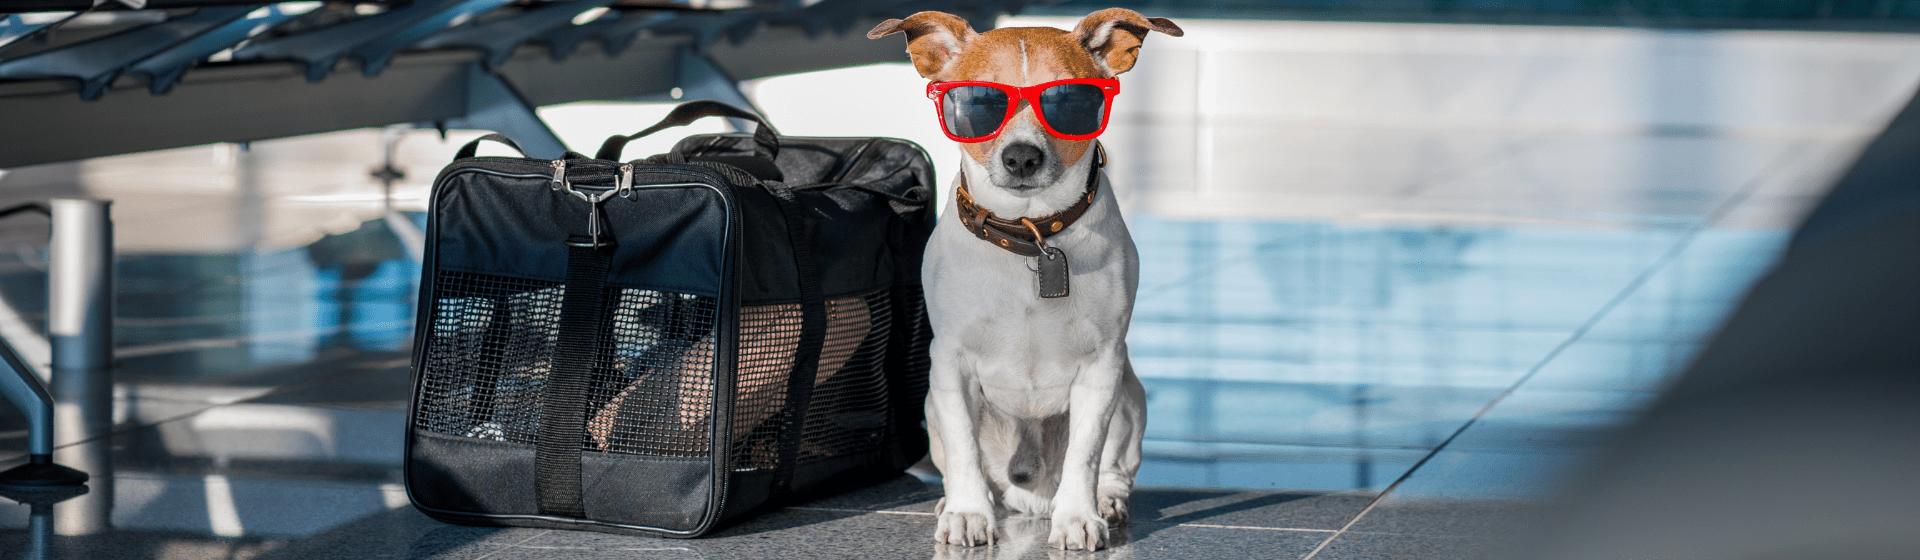 O que é preciso para viajar com um cachorro?